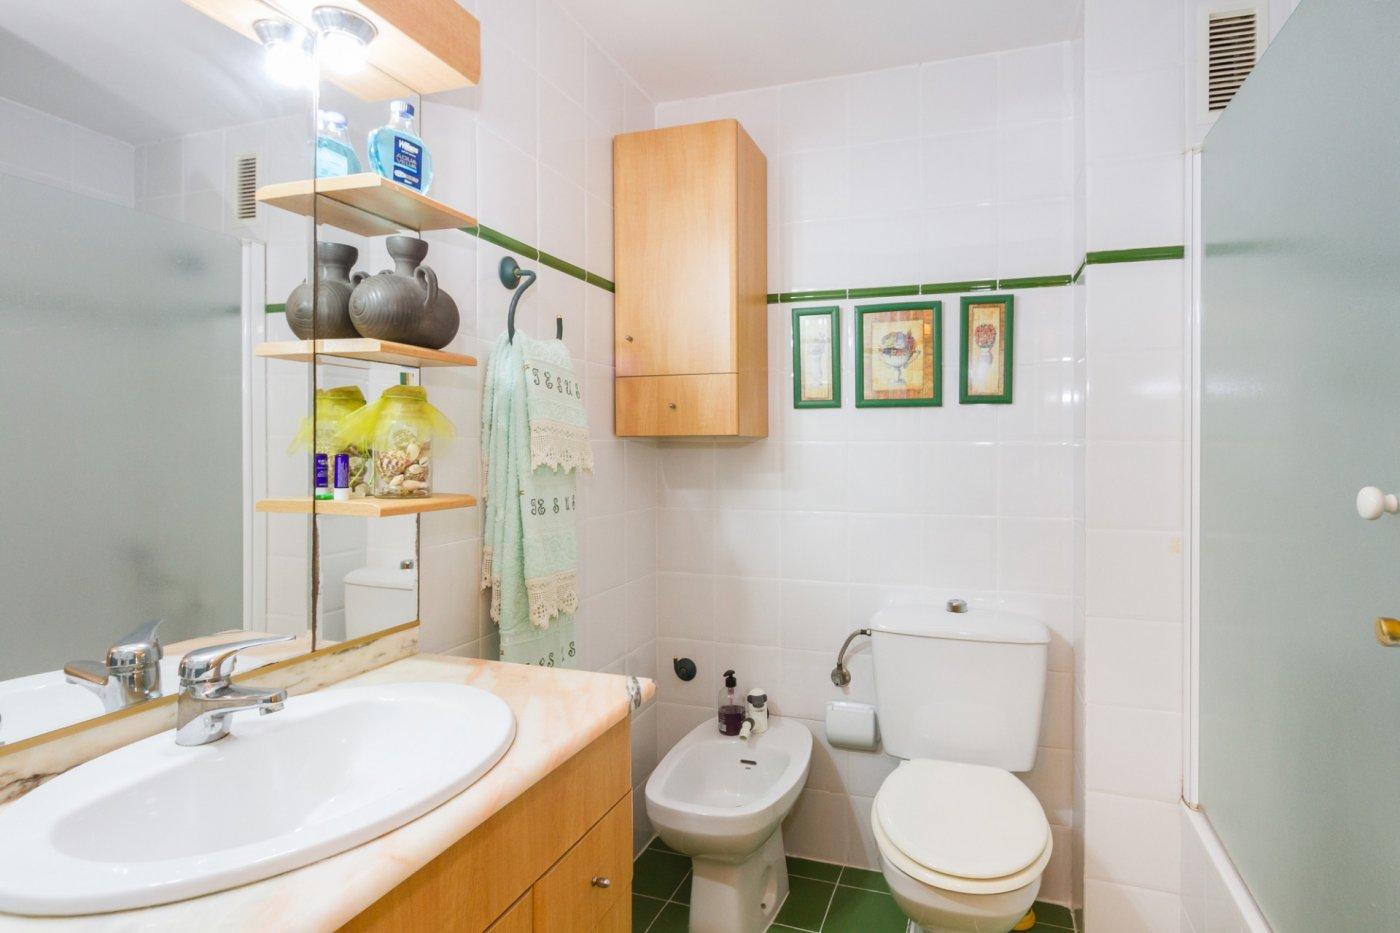 Venta de apartamento en xeraco - imagenInmueble15